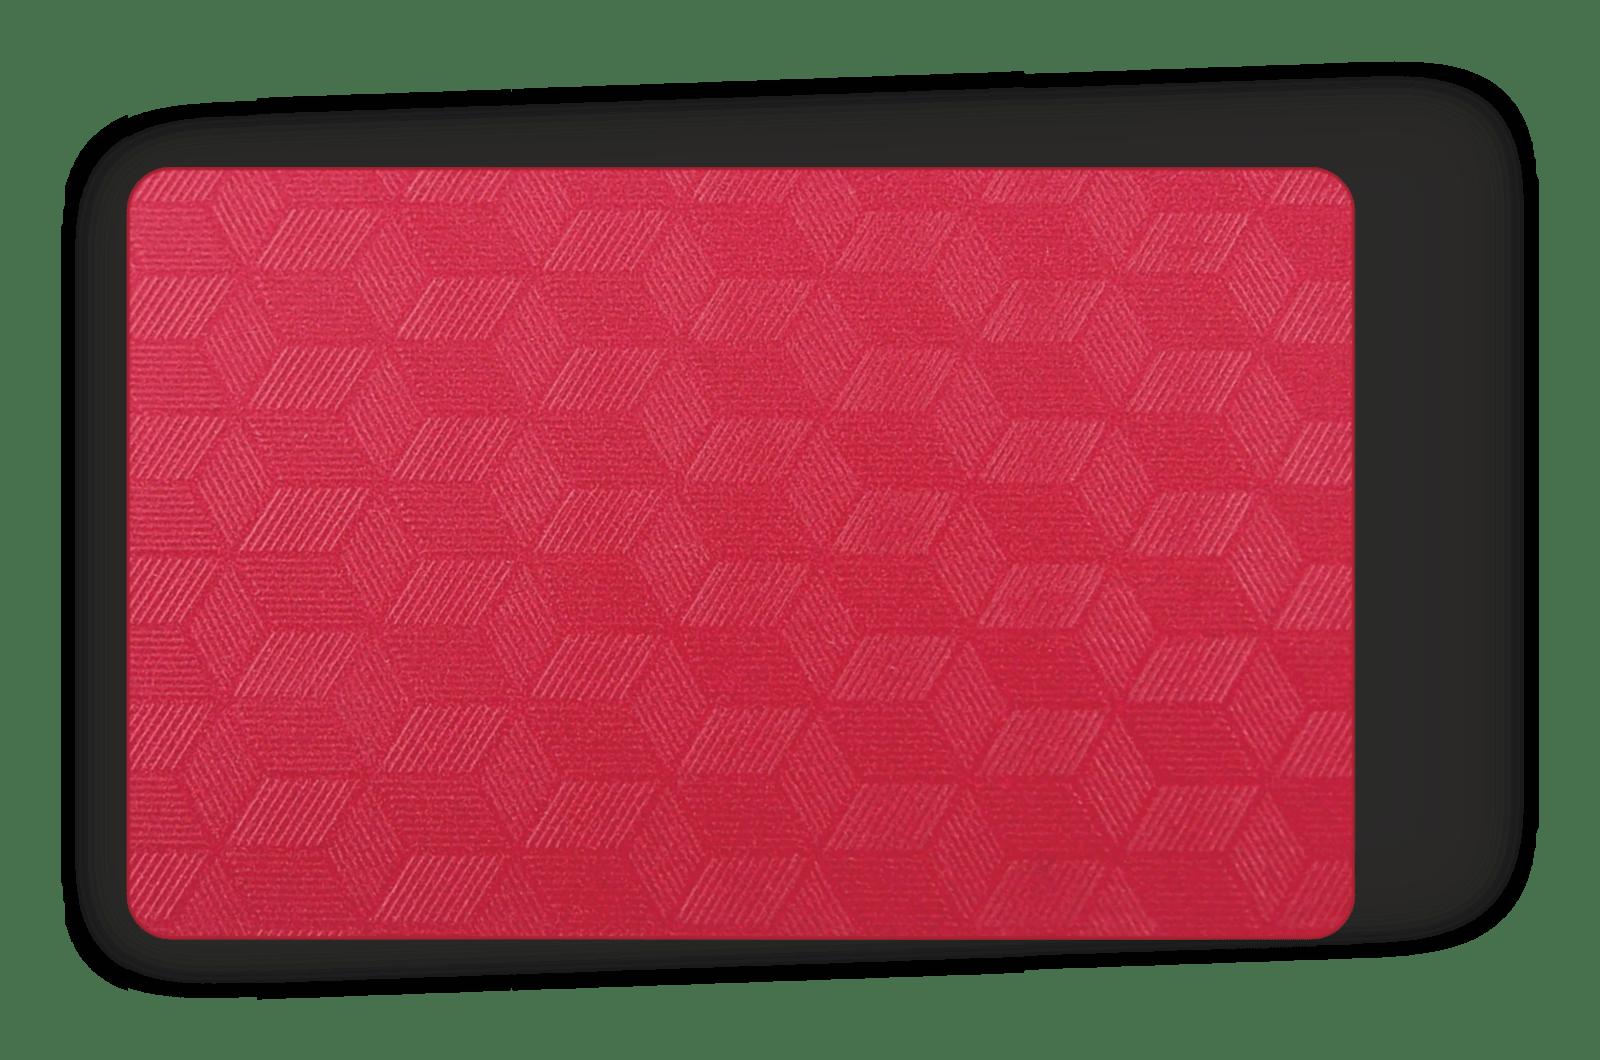 Karta plastikowa strukturalna